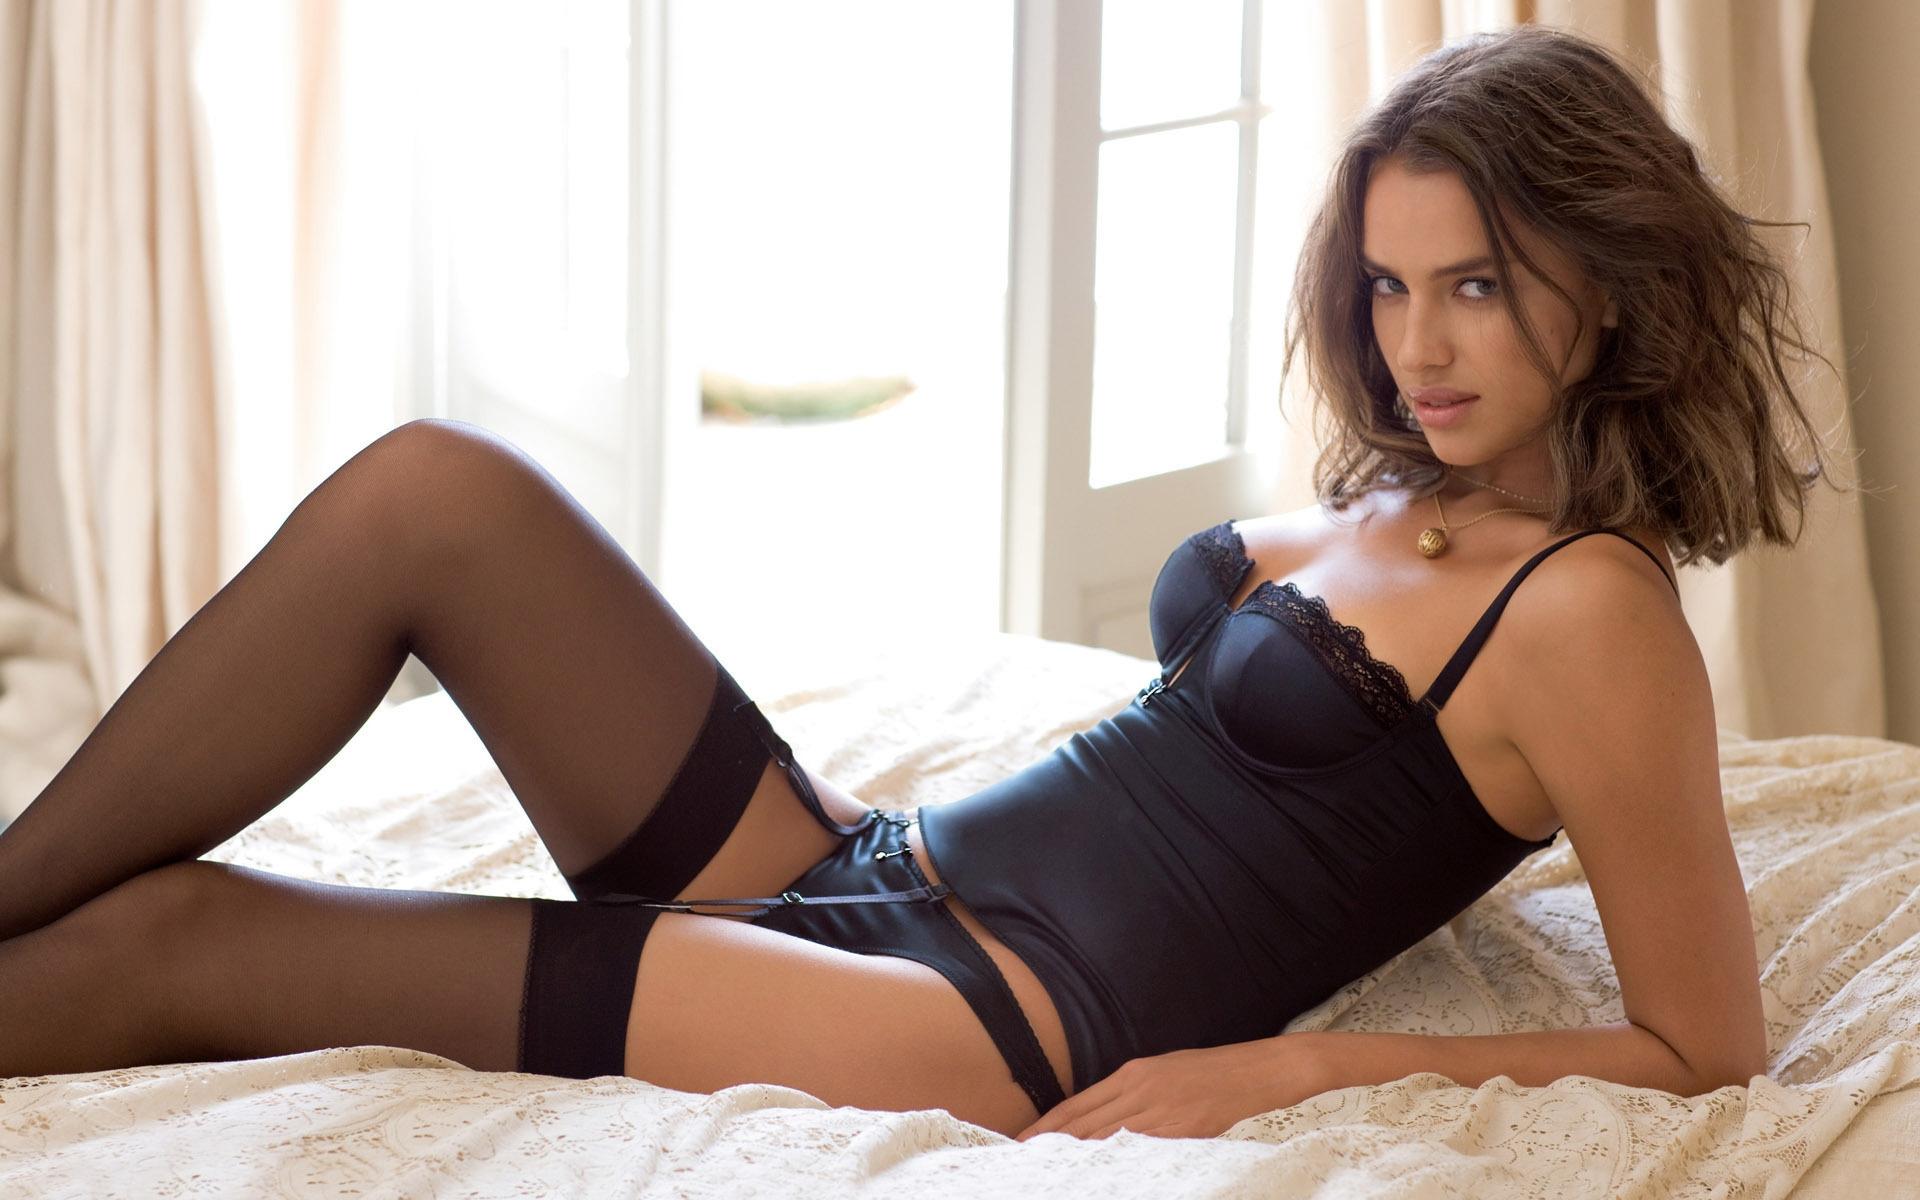 Самое возбуждающее фото, Возбуждающие фото - сексуальная Арт-эротика 5 фотография